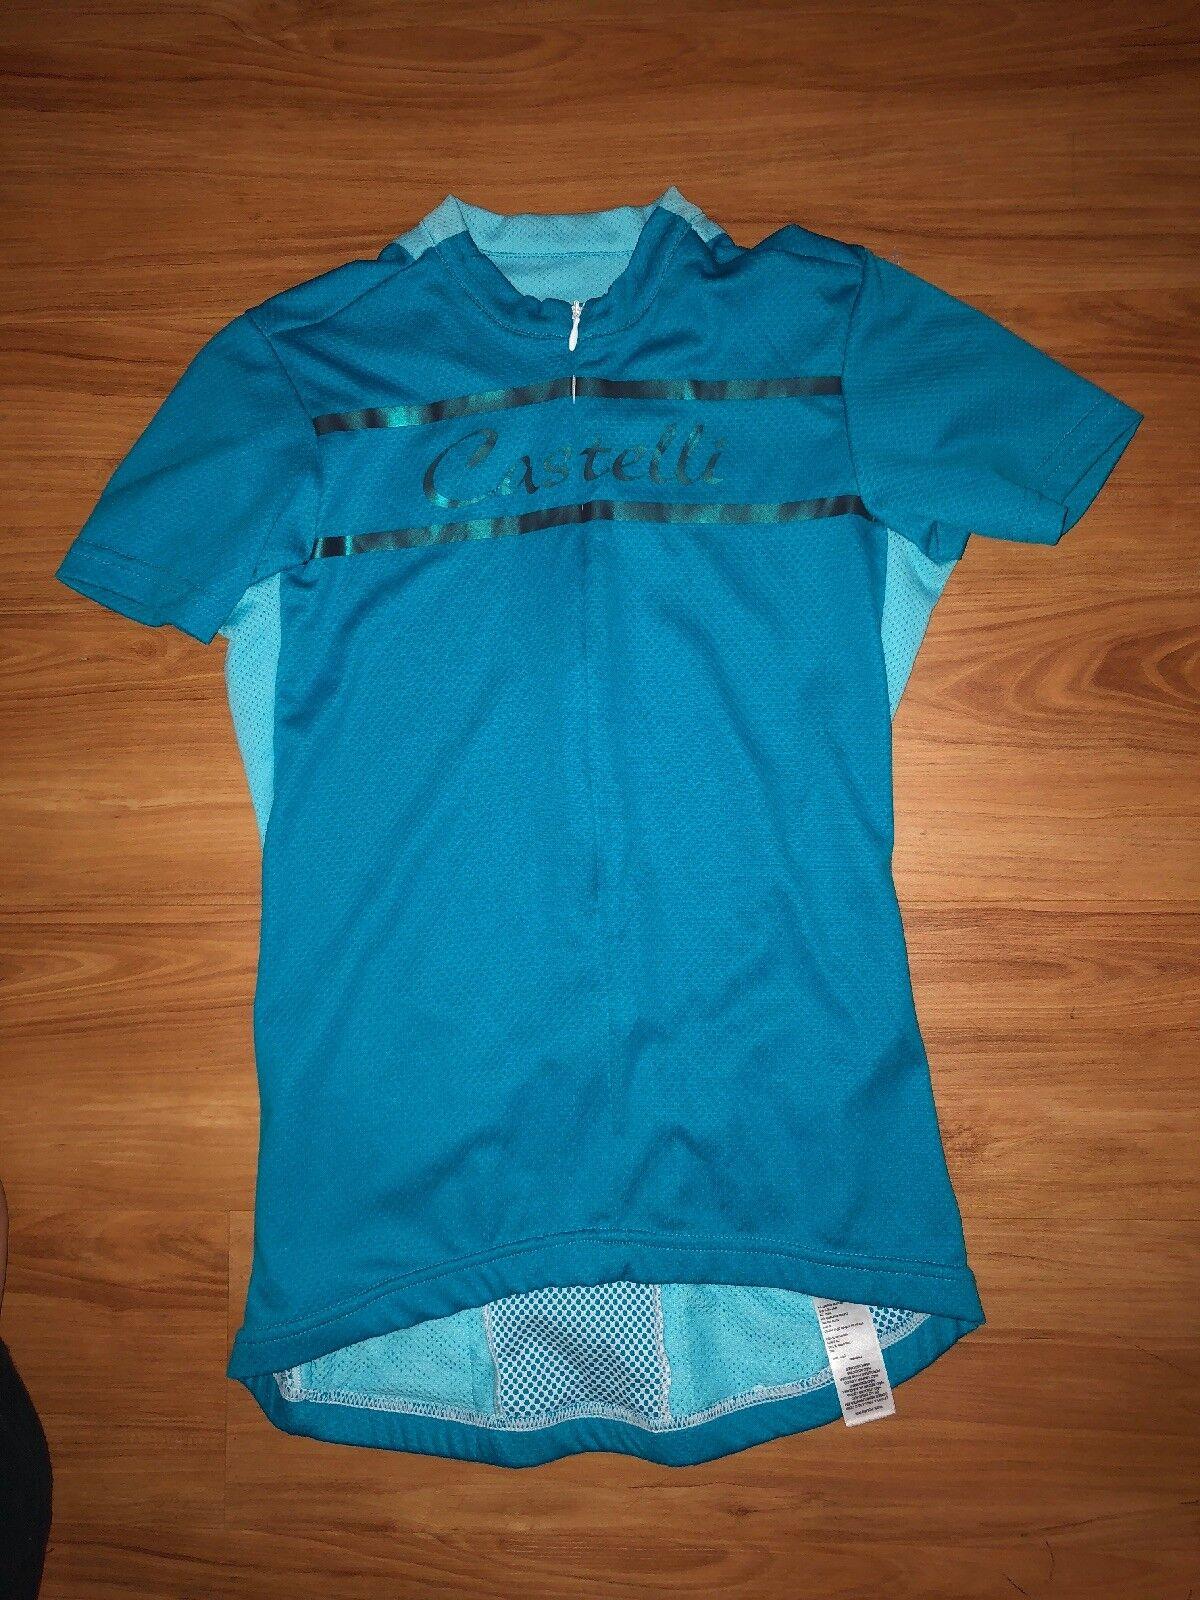 Castelli Womens Cycling Jersey Size XS